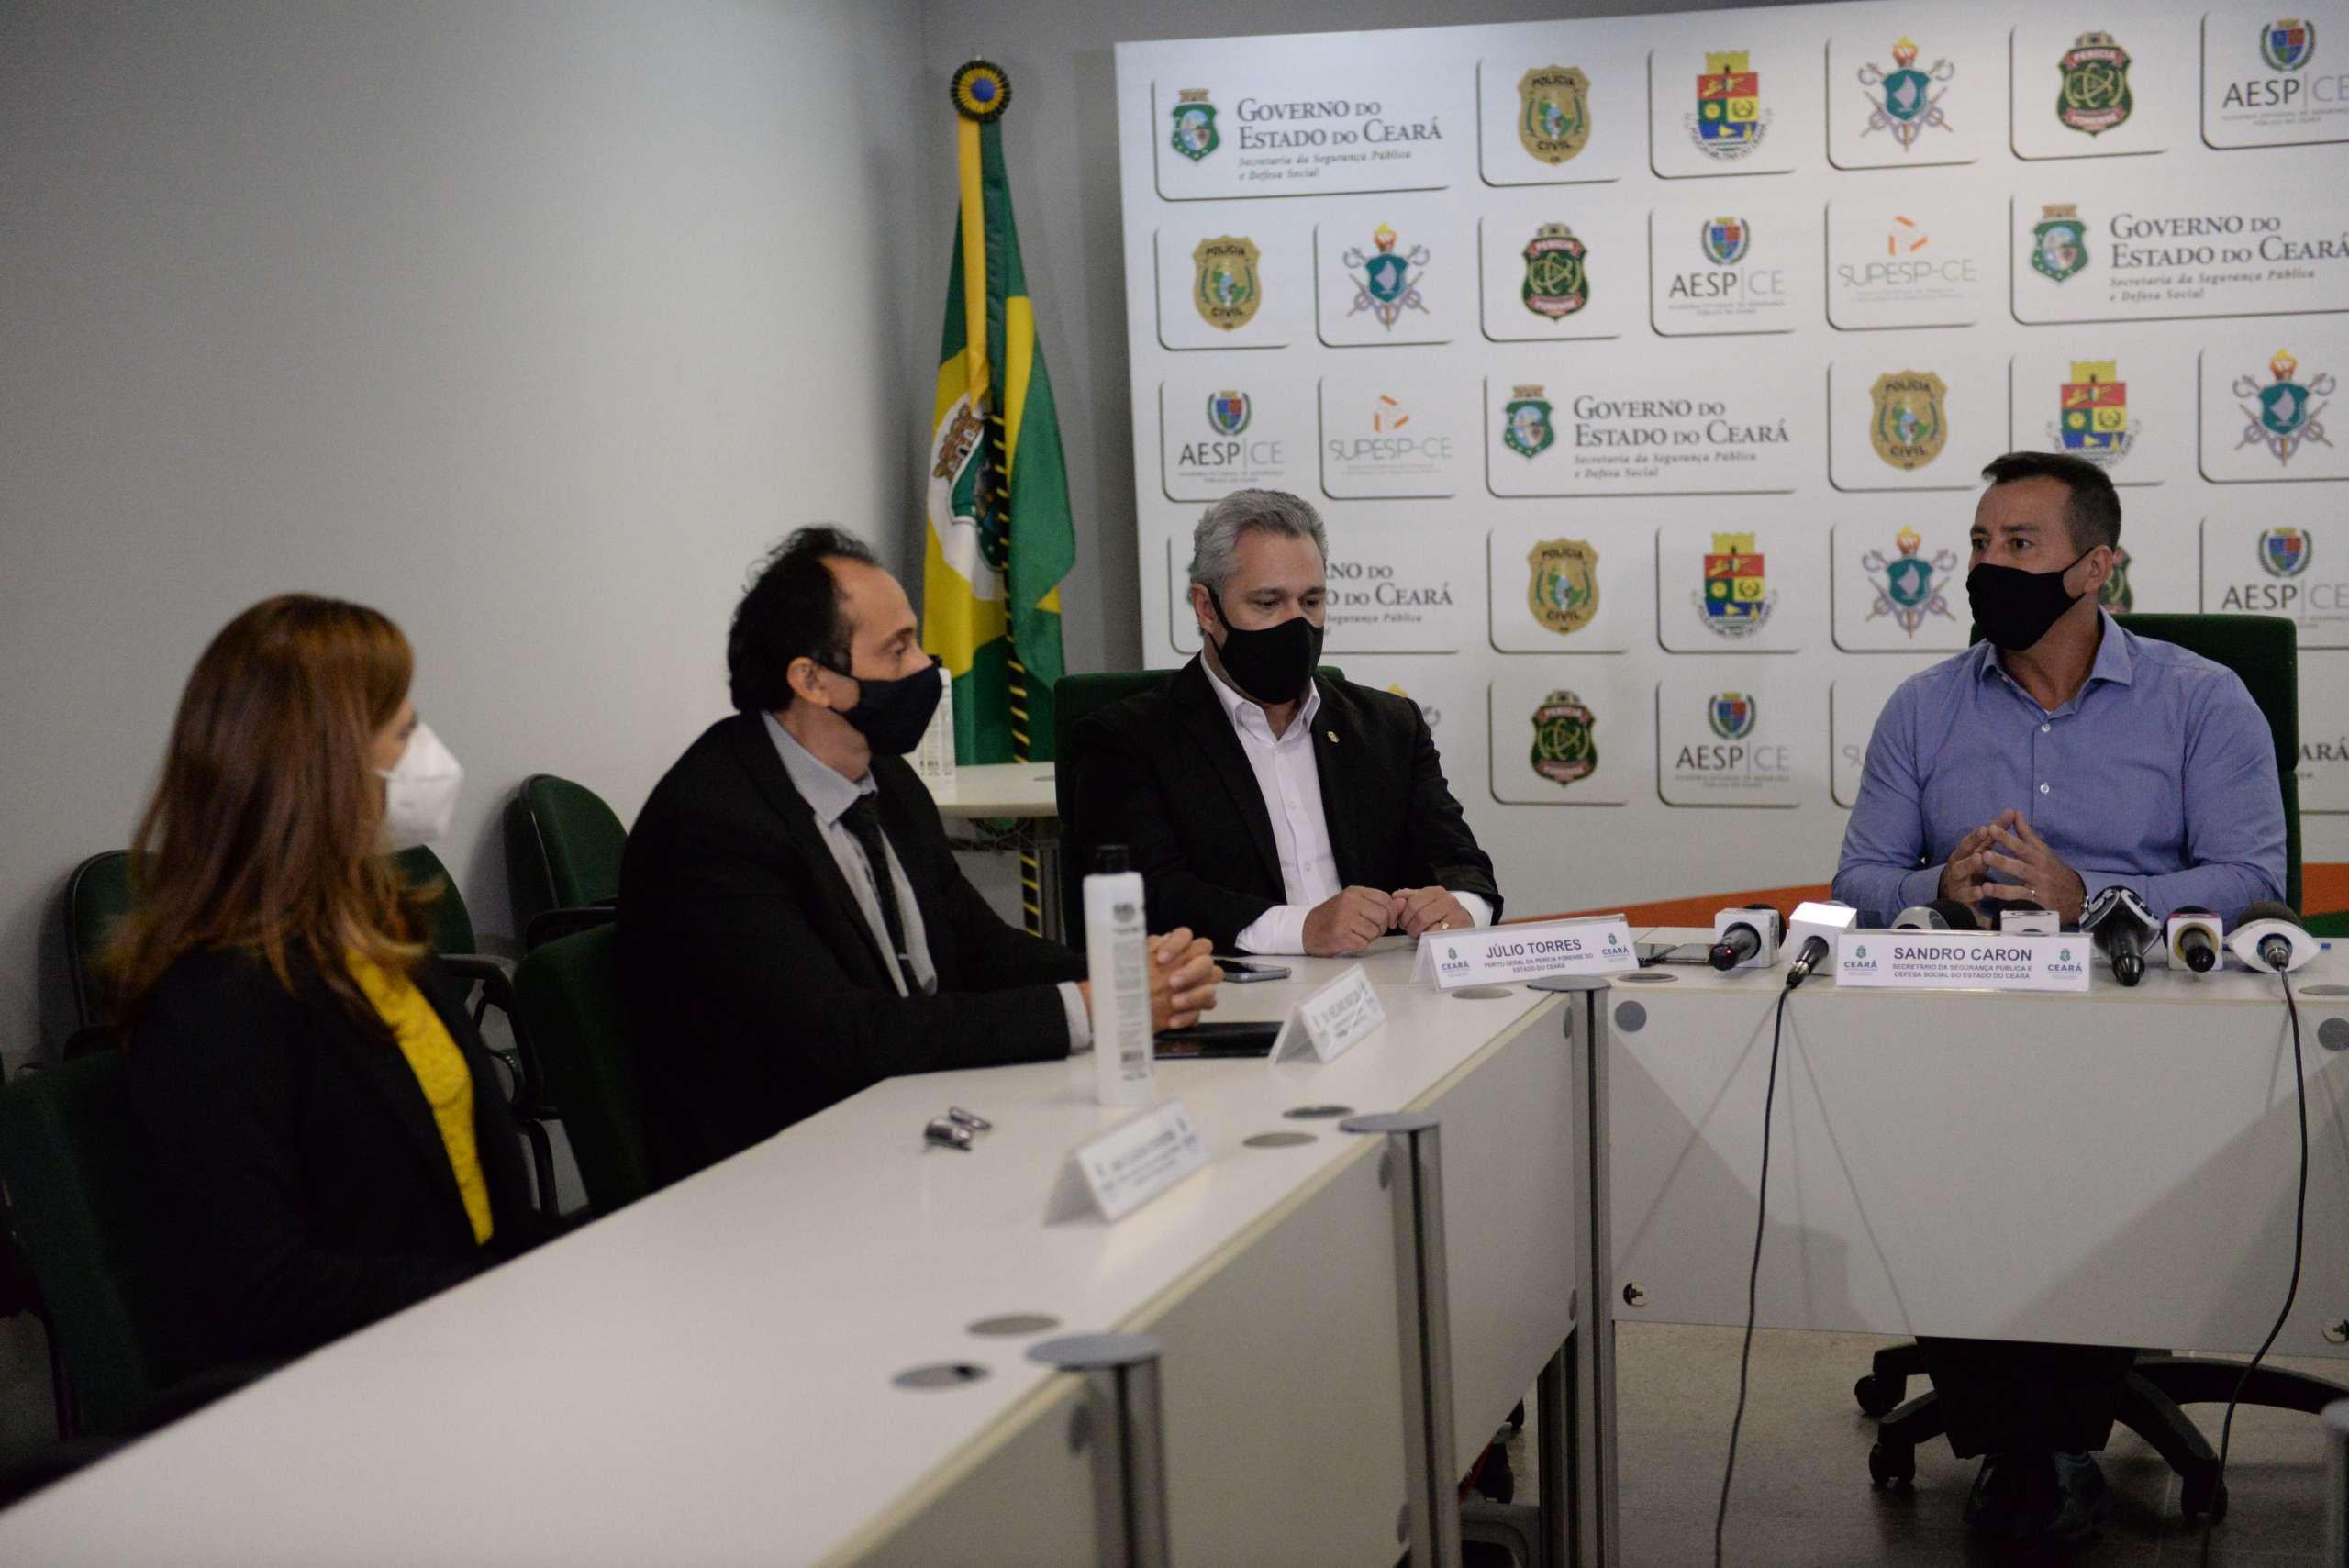 Ceará inicia coleta de DNA de famílias para auxiliar nas investigações e localização de pessoas desaparecidas